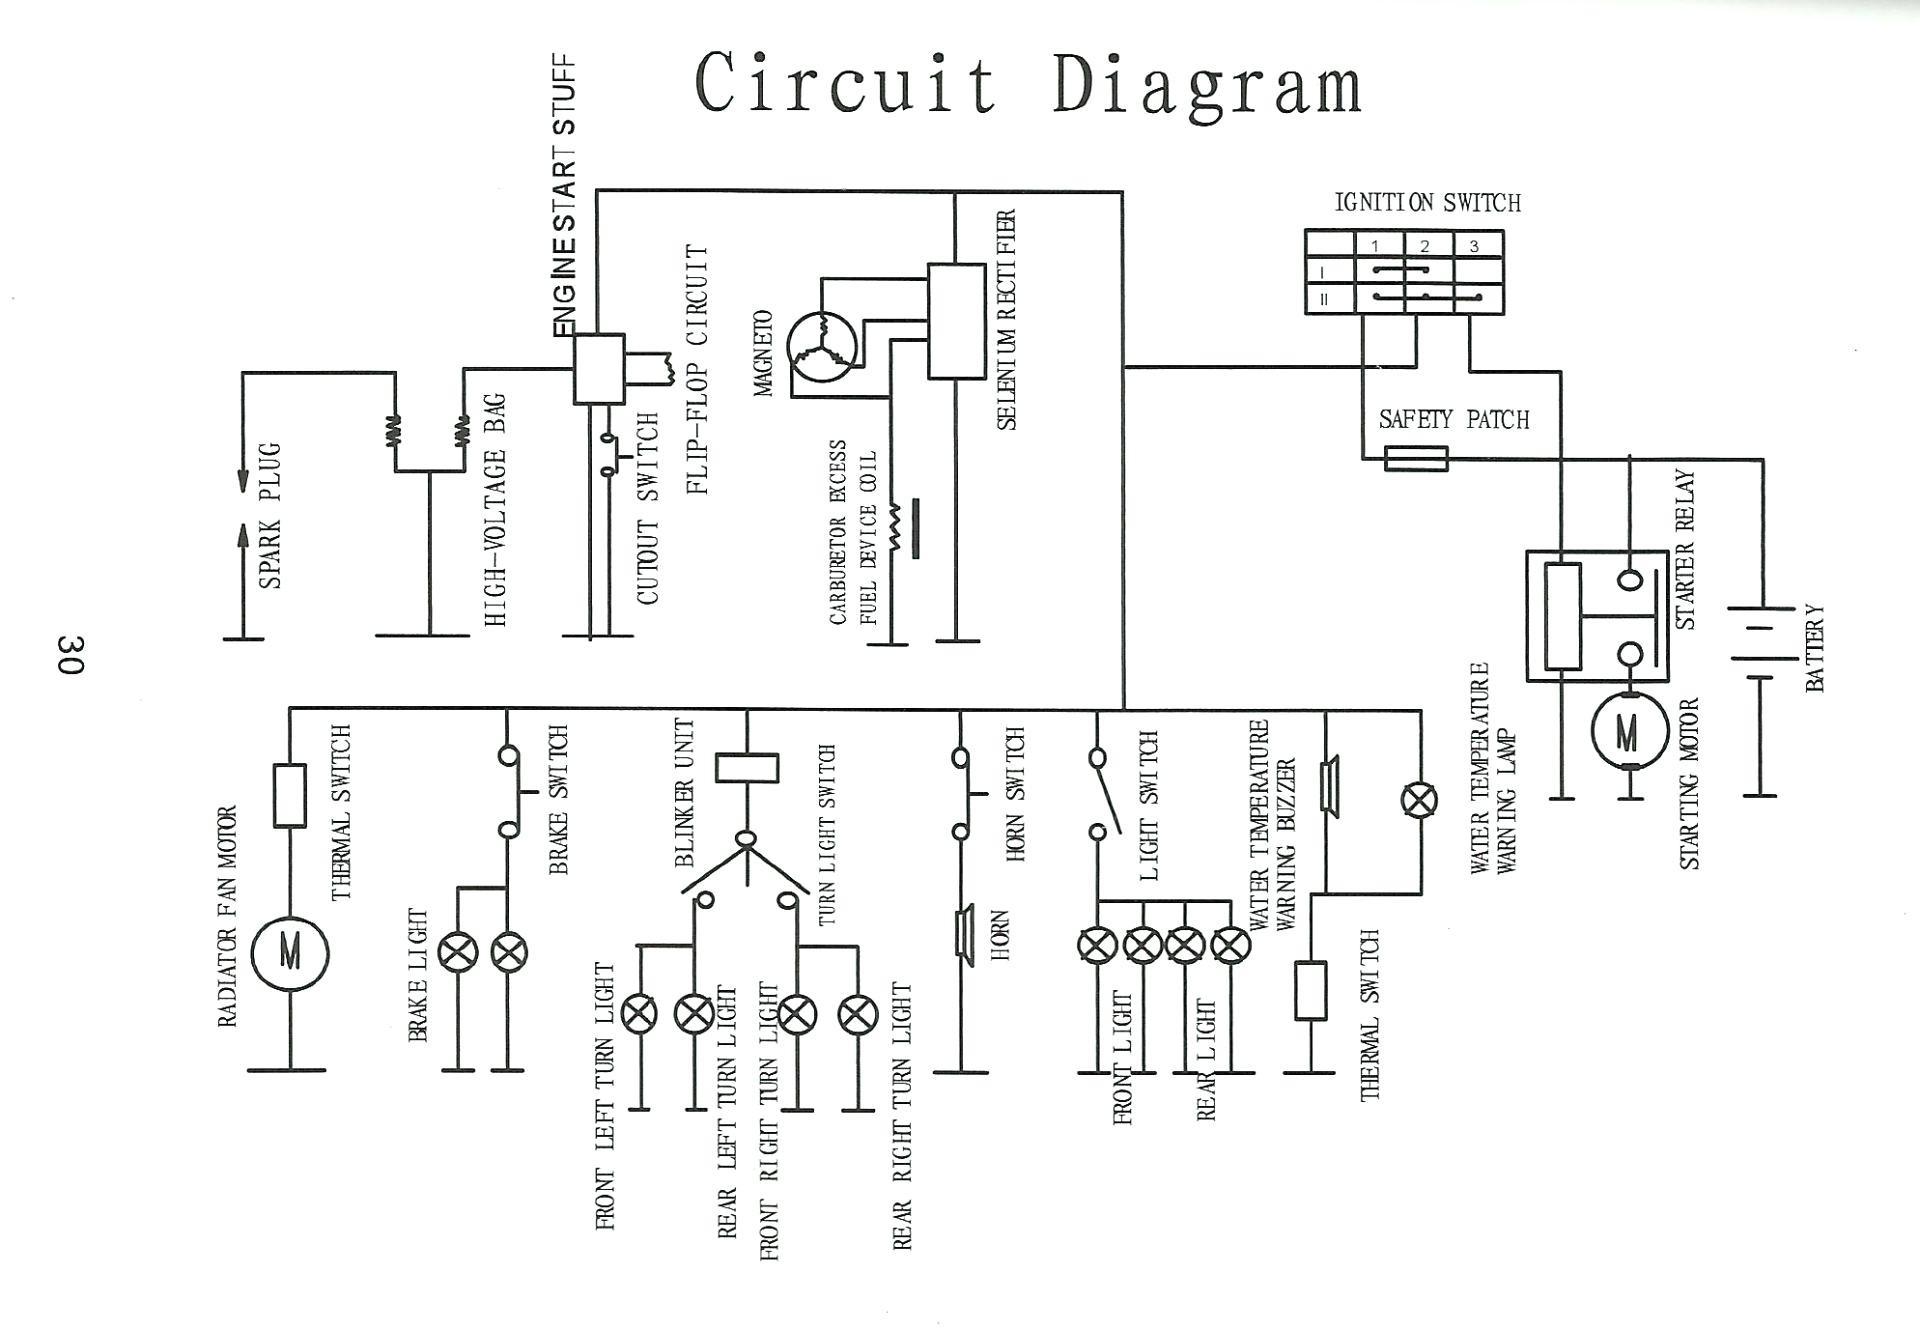 wiring diagram for roketa go kart engine